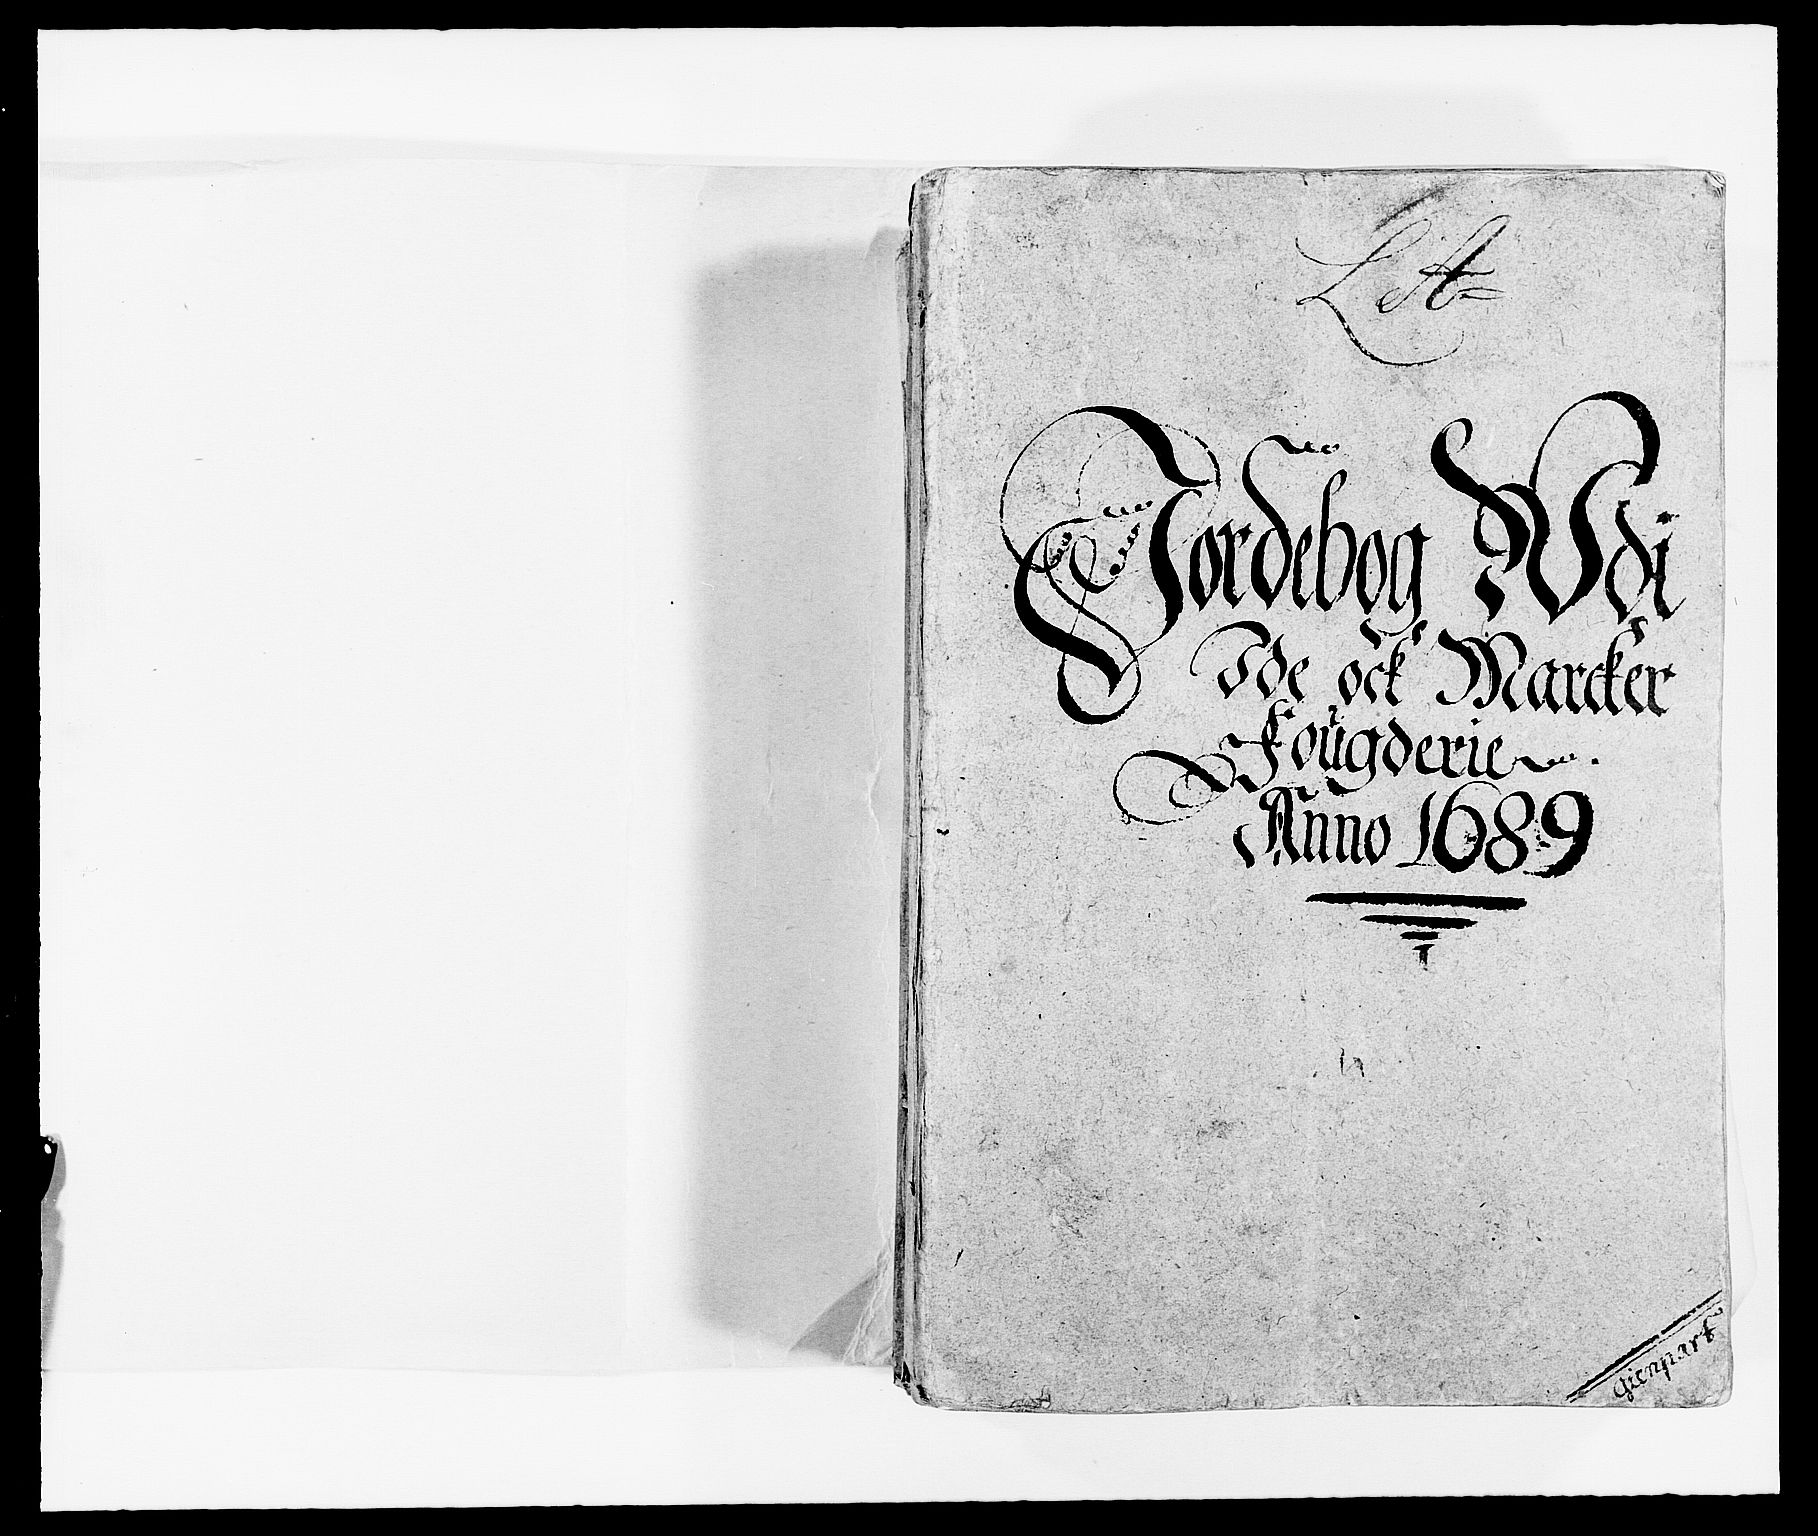 RA, Rentekammeret inntil 1814, Reviderte regnskaper, Fogderegnskap, R01/L0008: Fogderegnskap Idd og Marker, 1689, s. 18